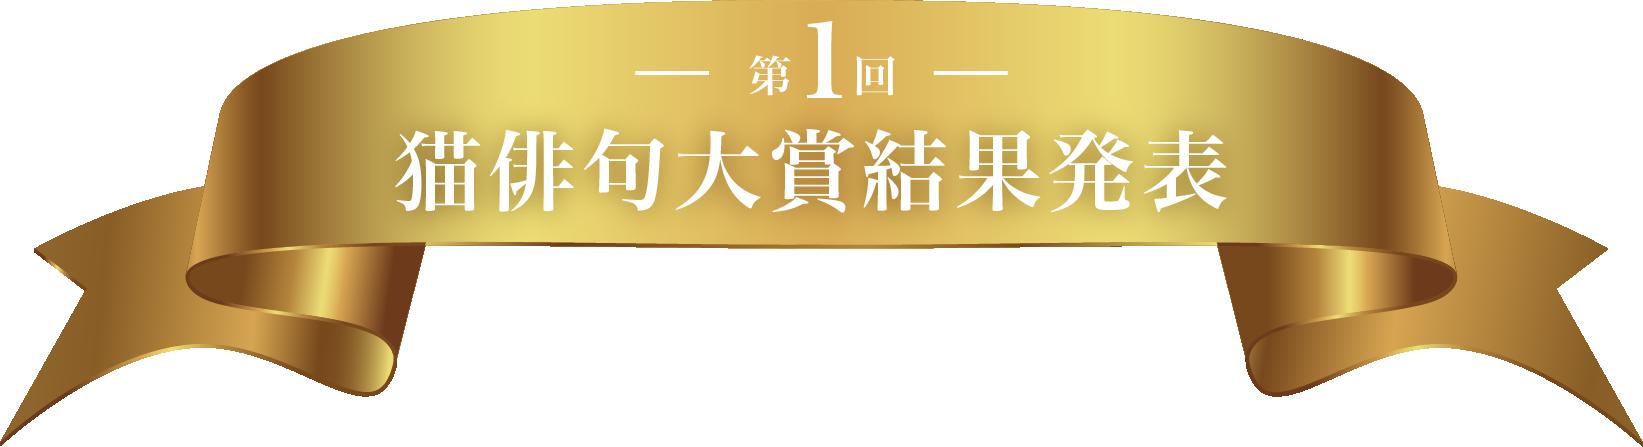 第1回 猫俳句大賞結果発表